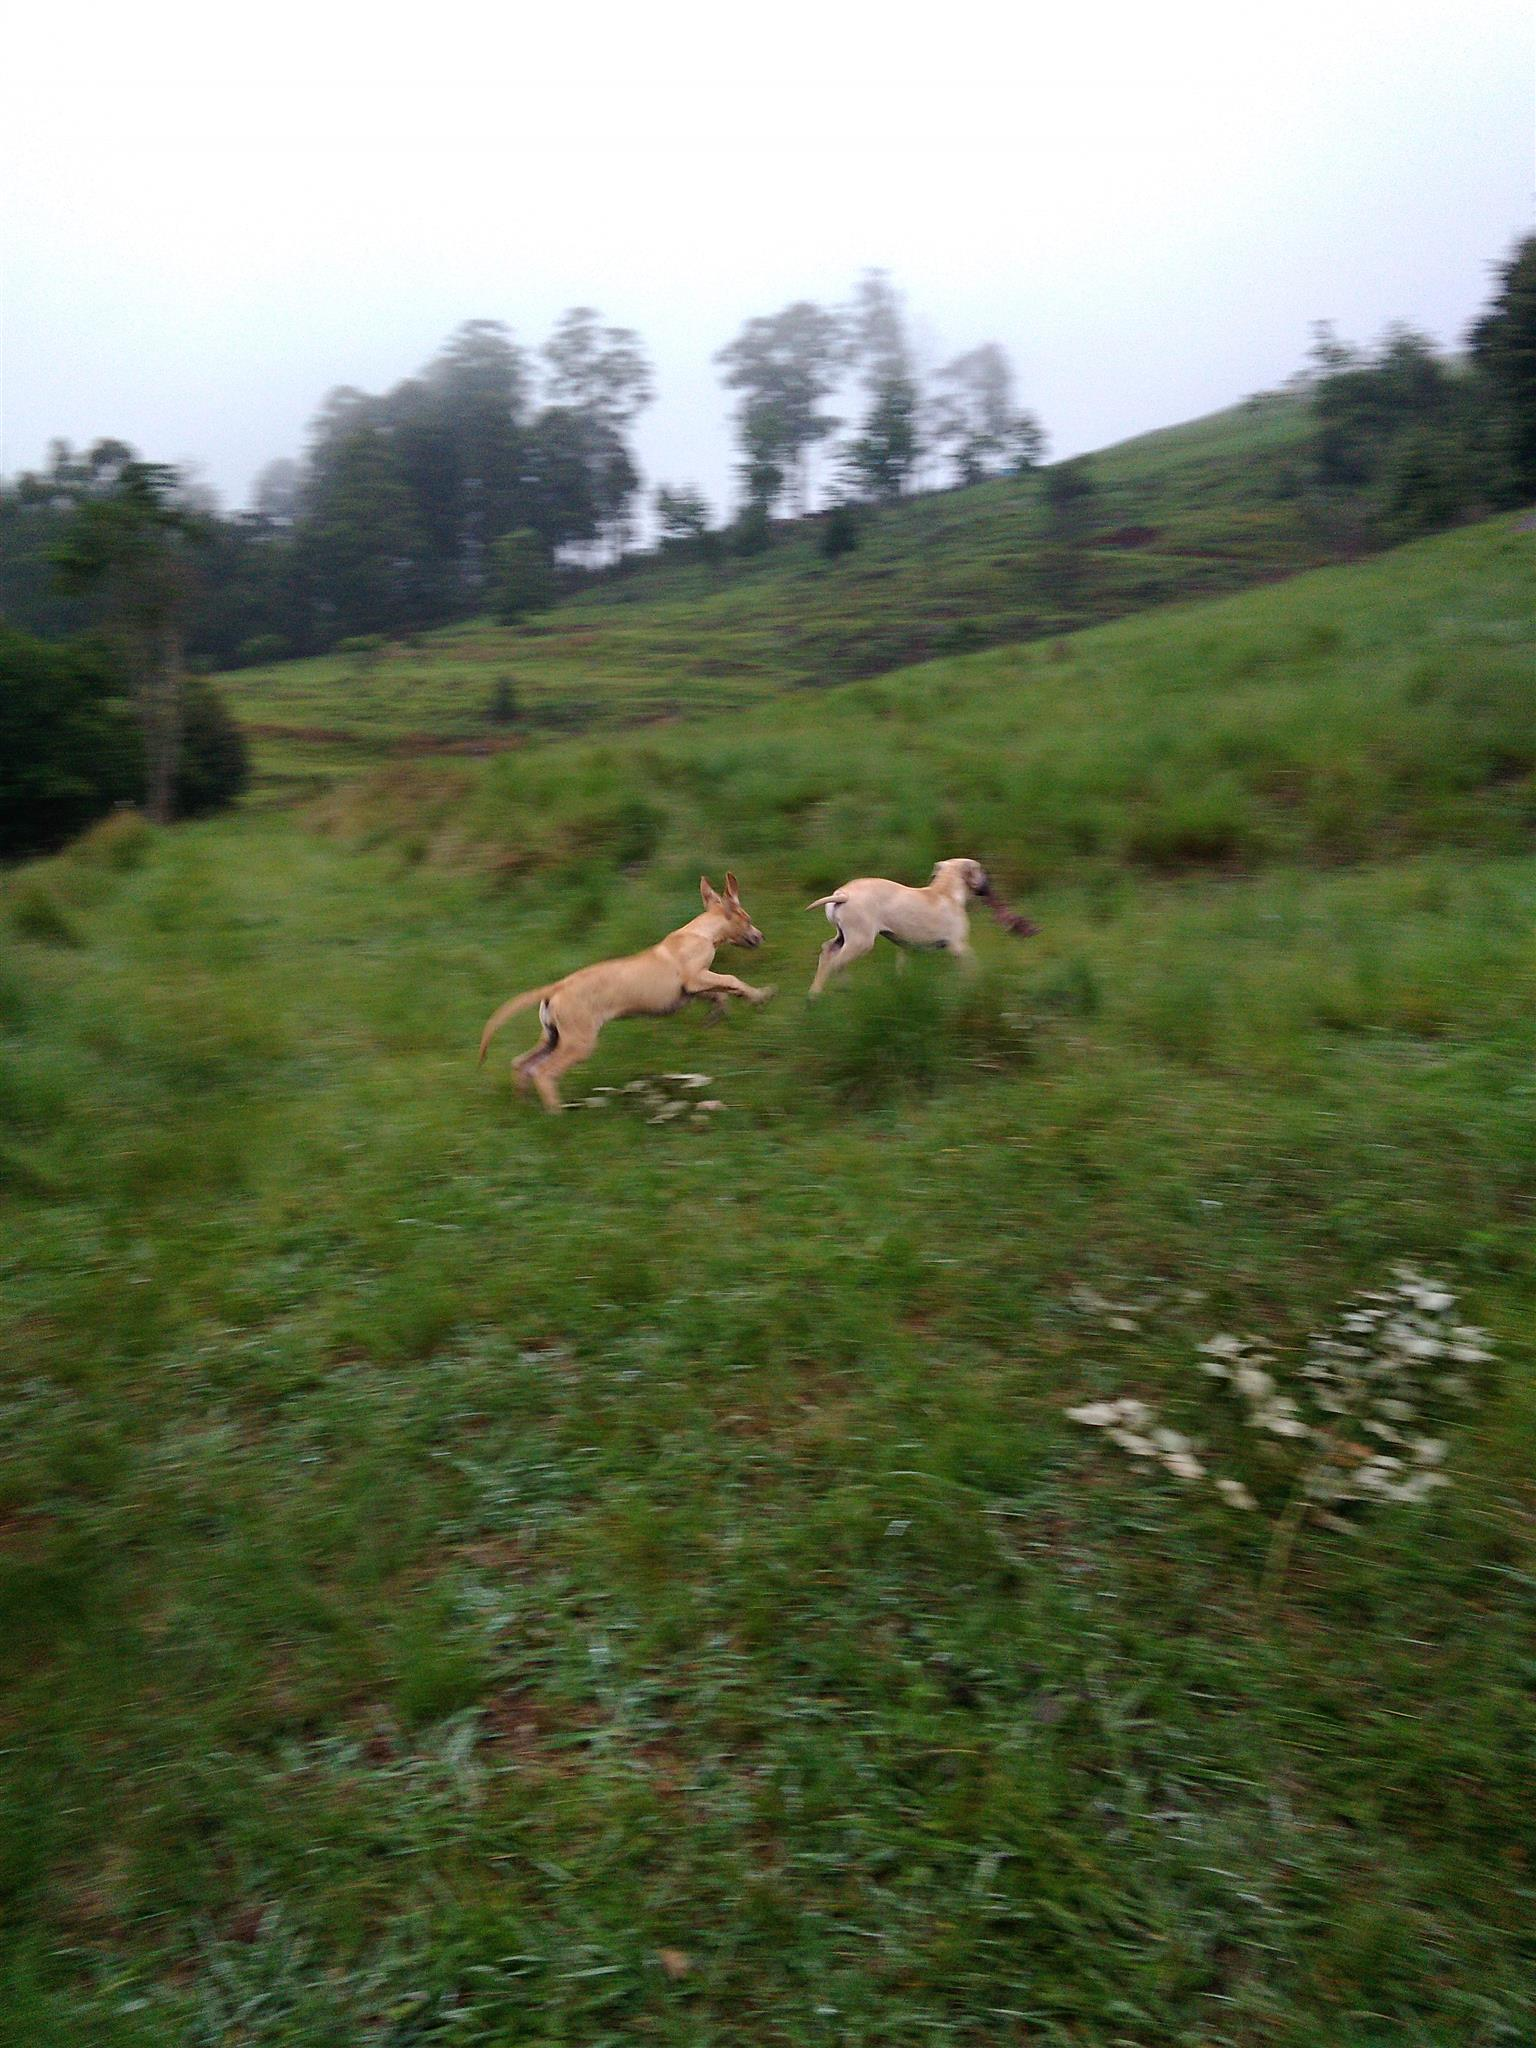 Grear Dane Puppies